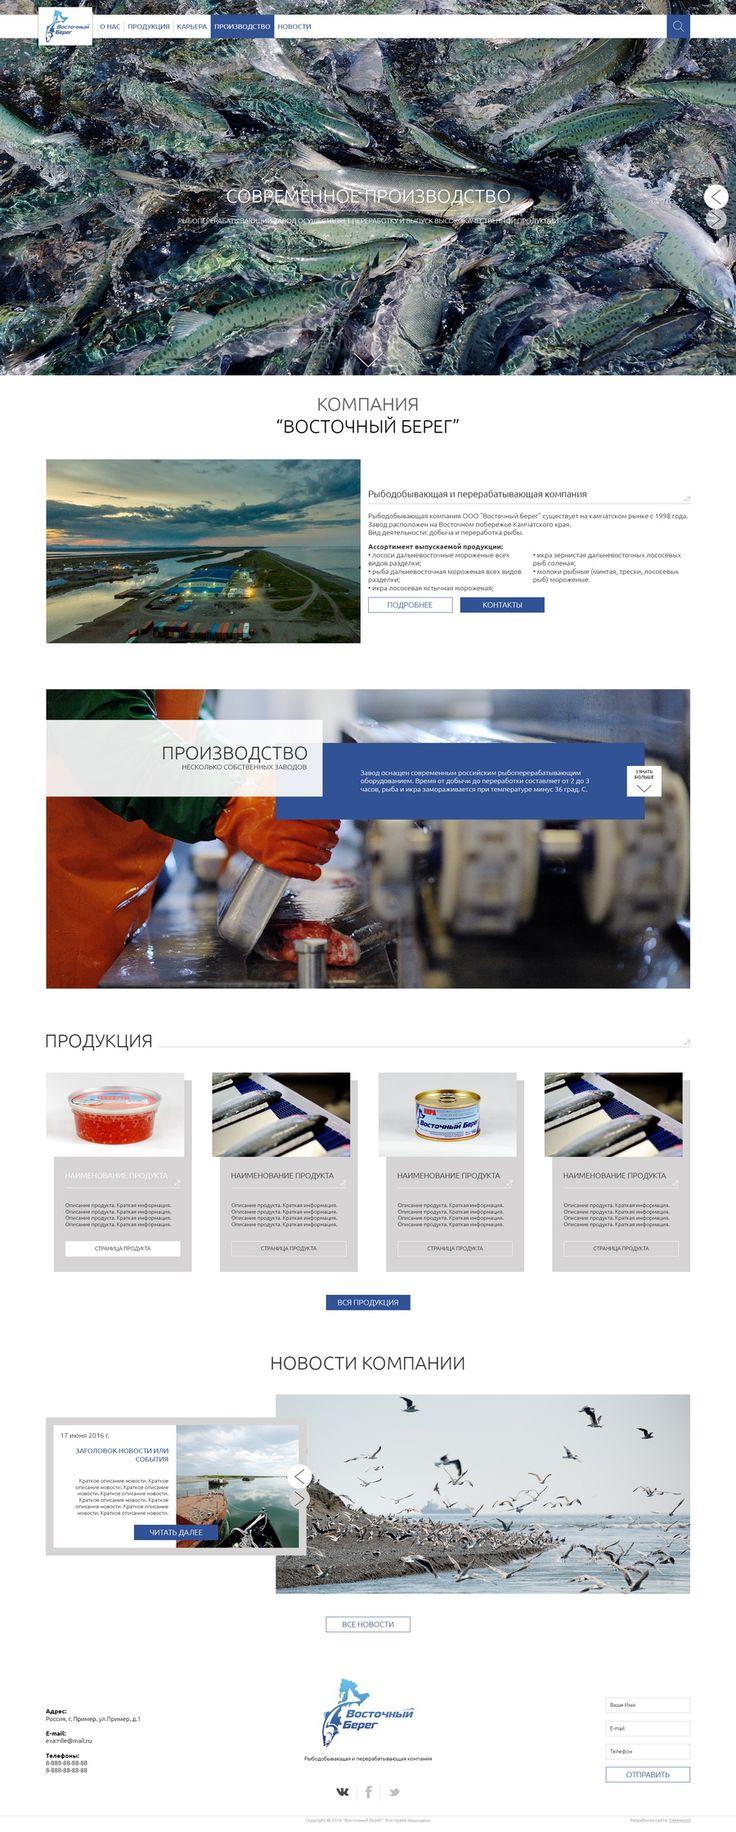 """Дизайн для компании ООО """"Восточный берег""""   Разработан адаптивный дизайн сайта с расширенным меню для рыбодобывающей компании ООО """"Восточный берег""""   Студия веб-дизайна Cakewood #site #design #cakewood"""